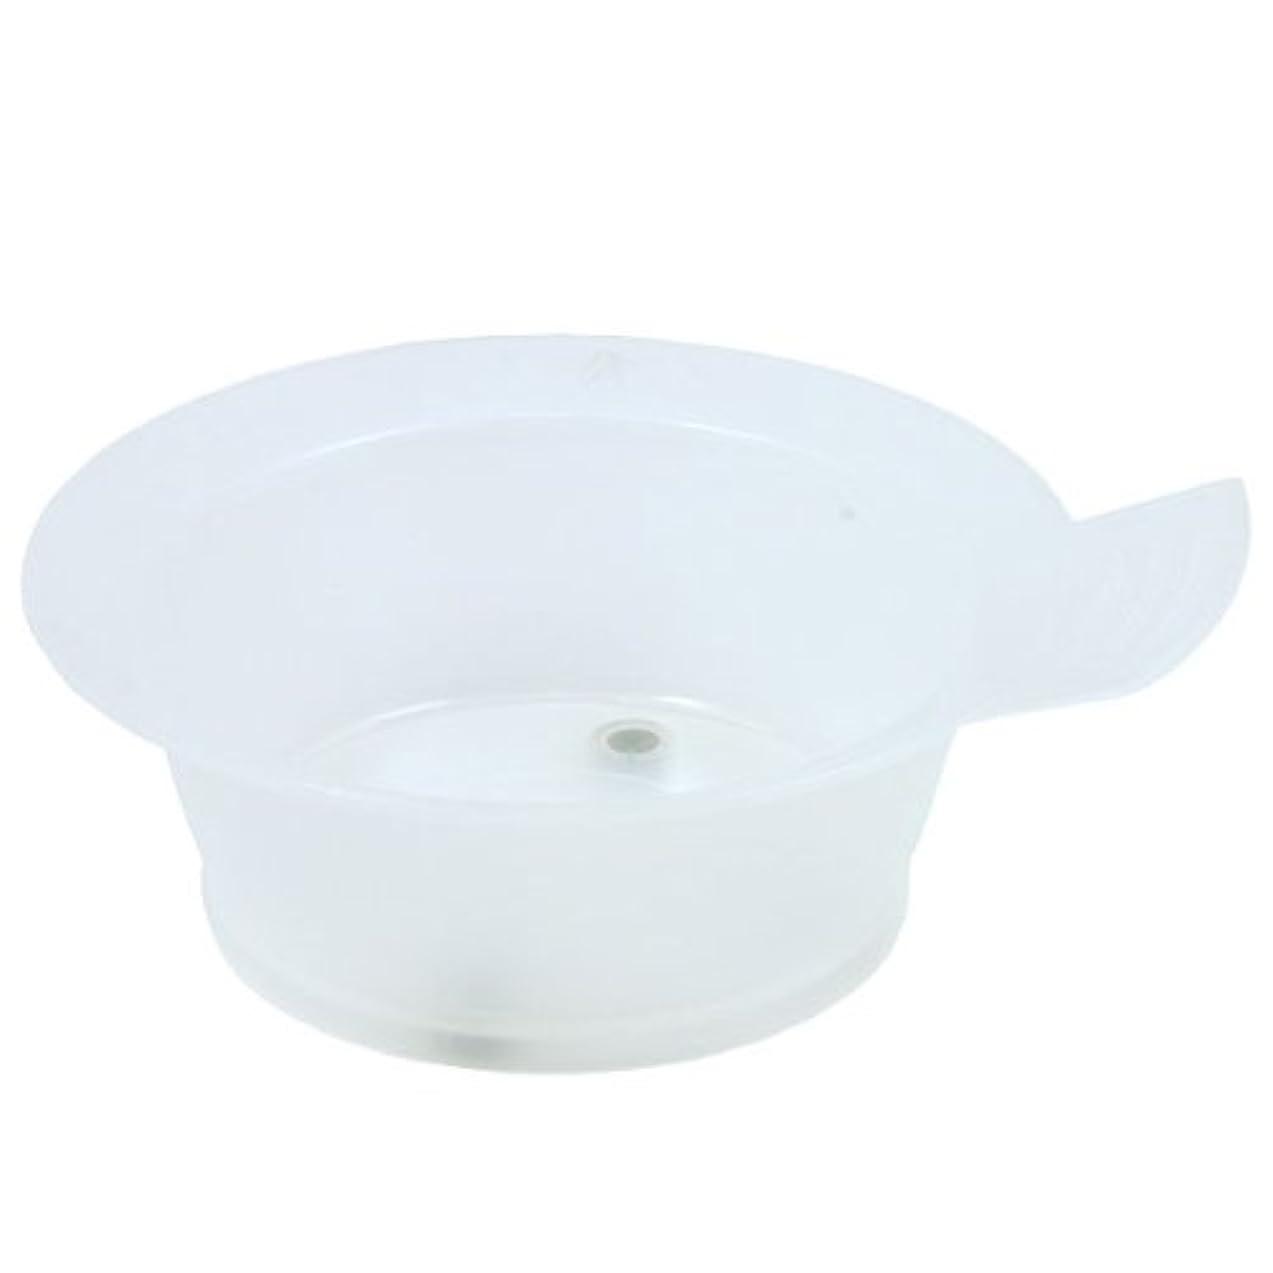 アークキャメル会社TBG ヘアダイカップ クリアホワイト 3個セット